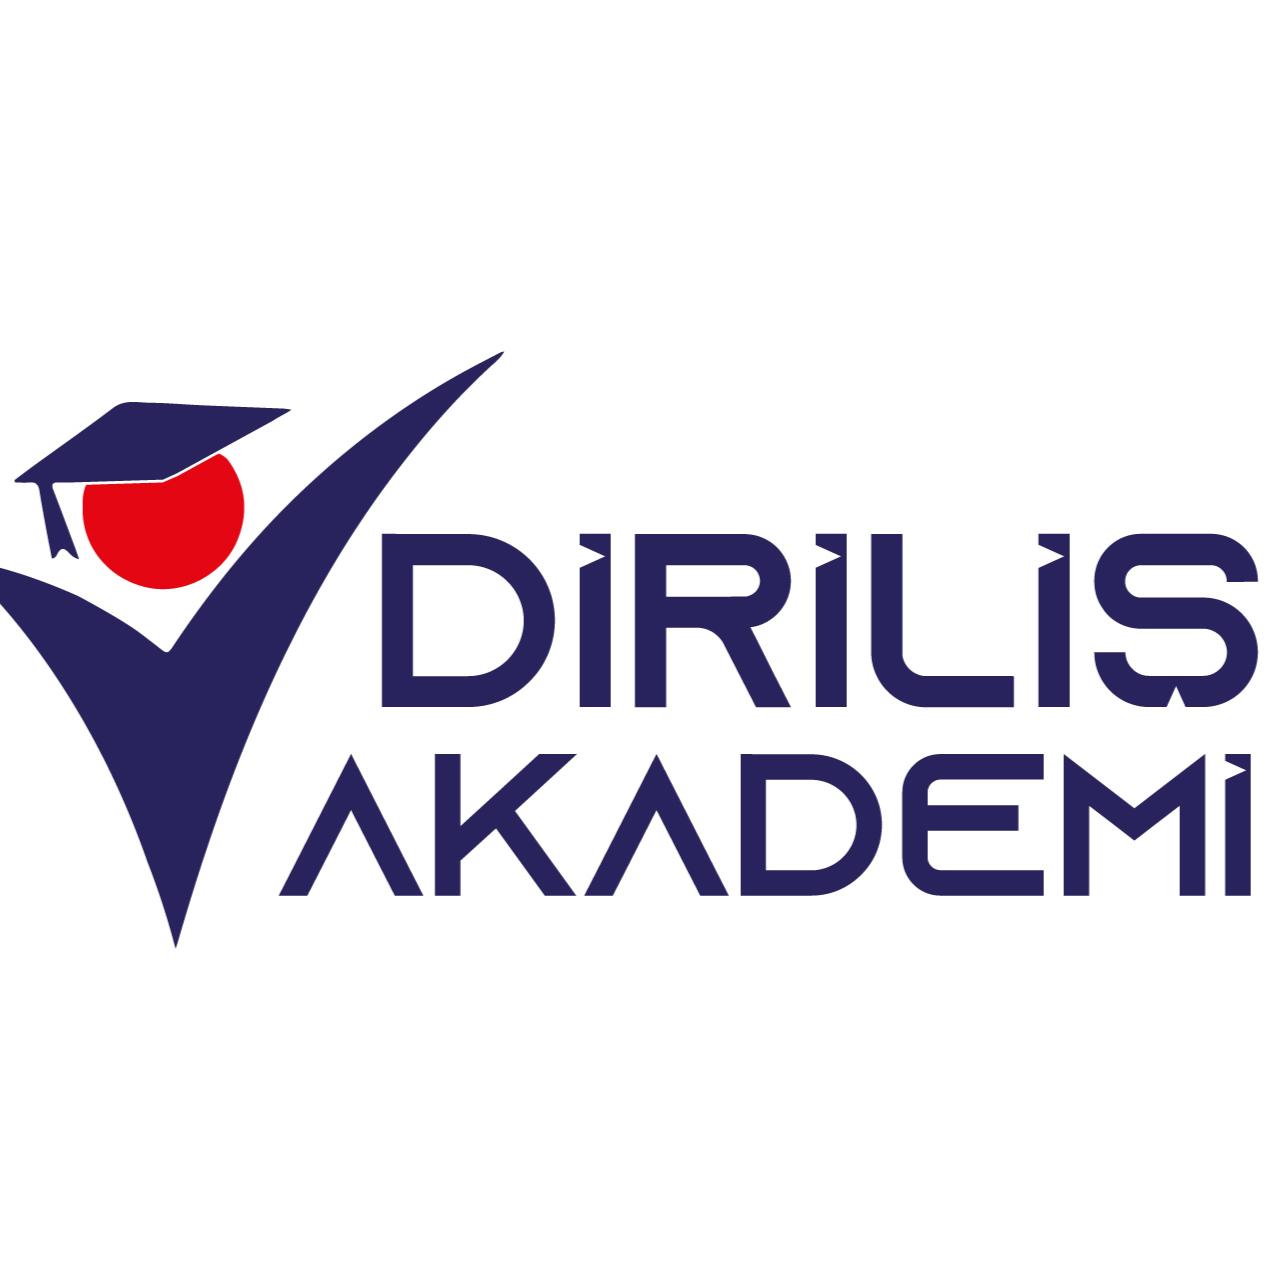 2M ORGANİZASYON EĞİTİM DANIŞMANLIK ORG LTD ŞTİ